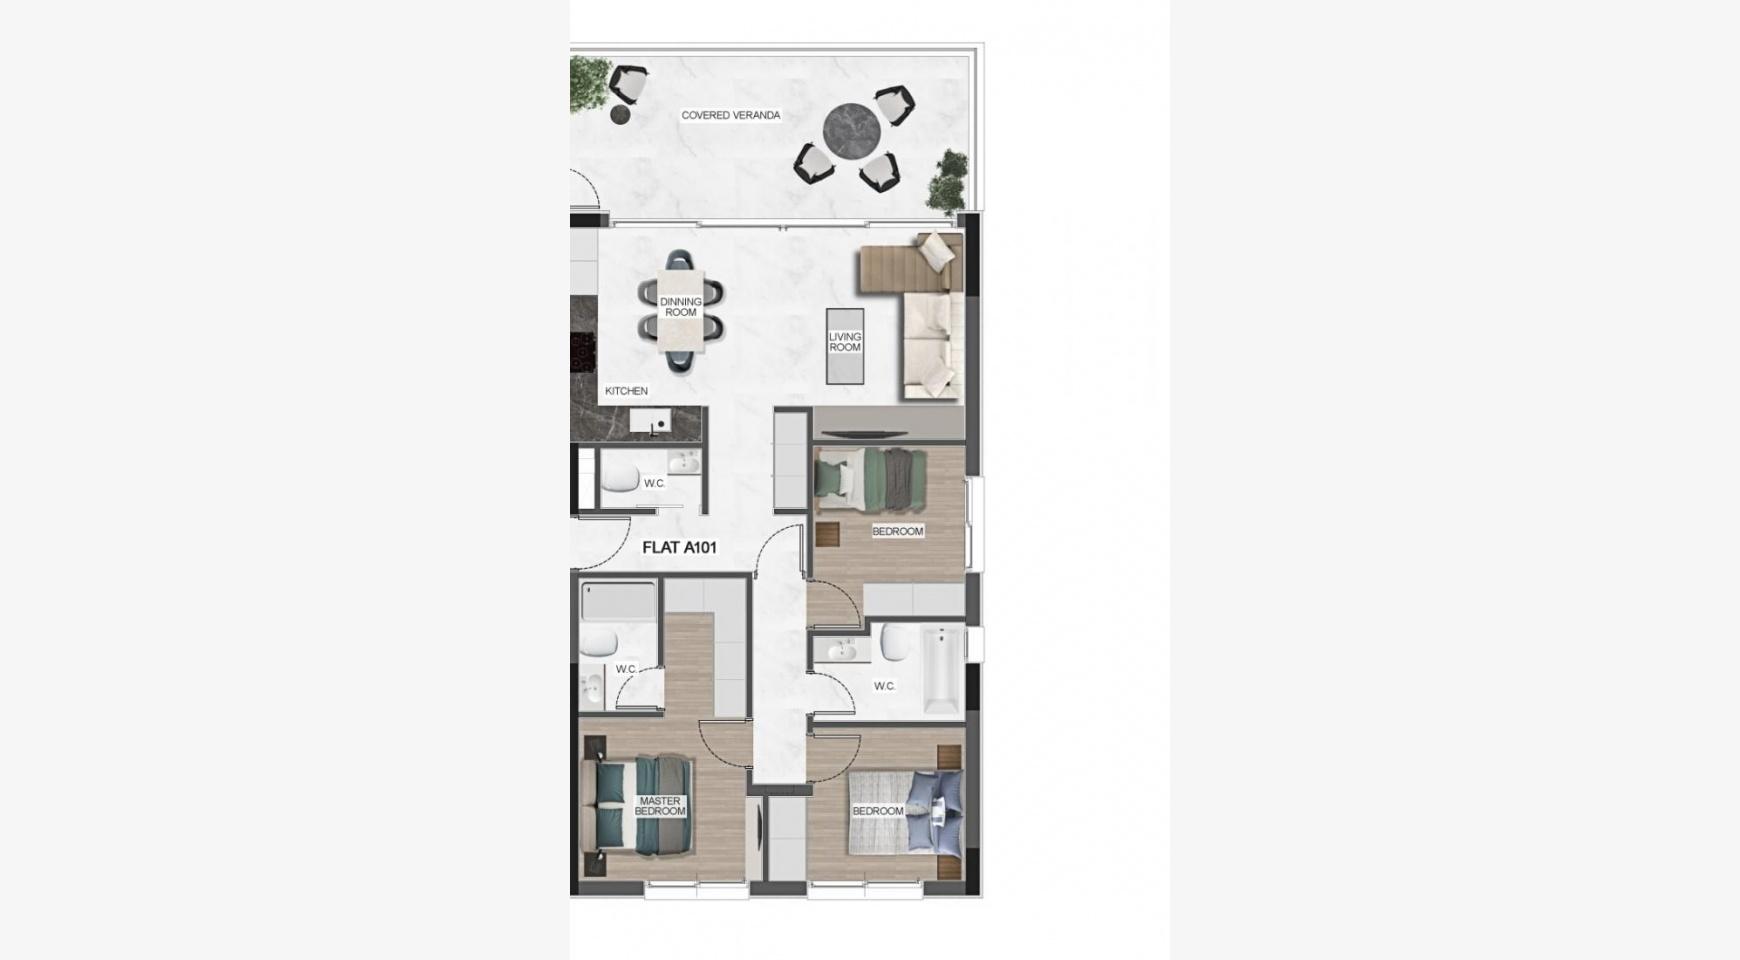 Urban City Residences, Кв. A 401. 3-Спальная Квартира в Новом Комплексе в Центре Города - 41